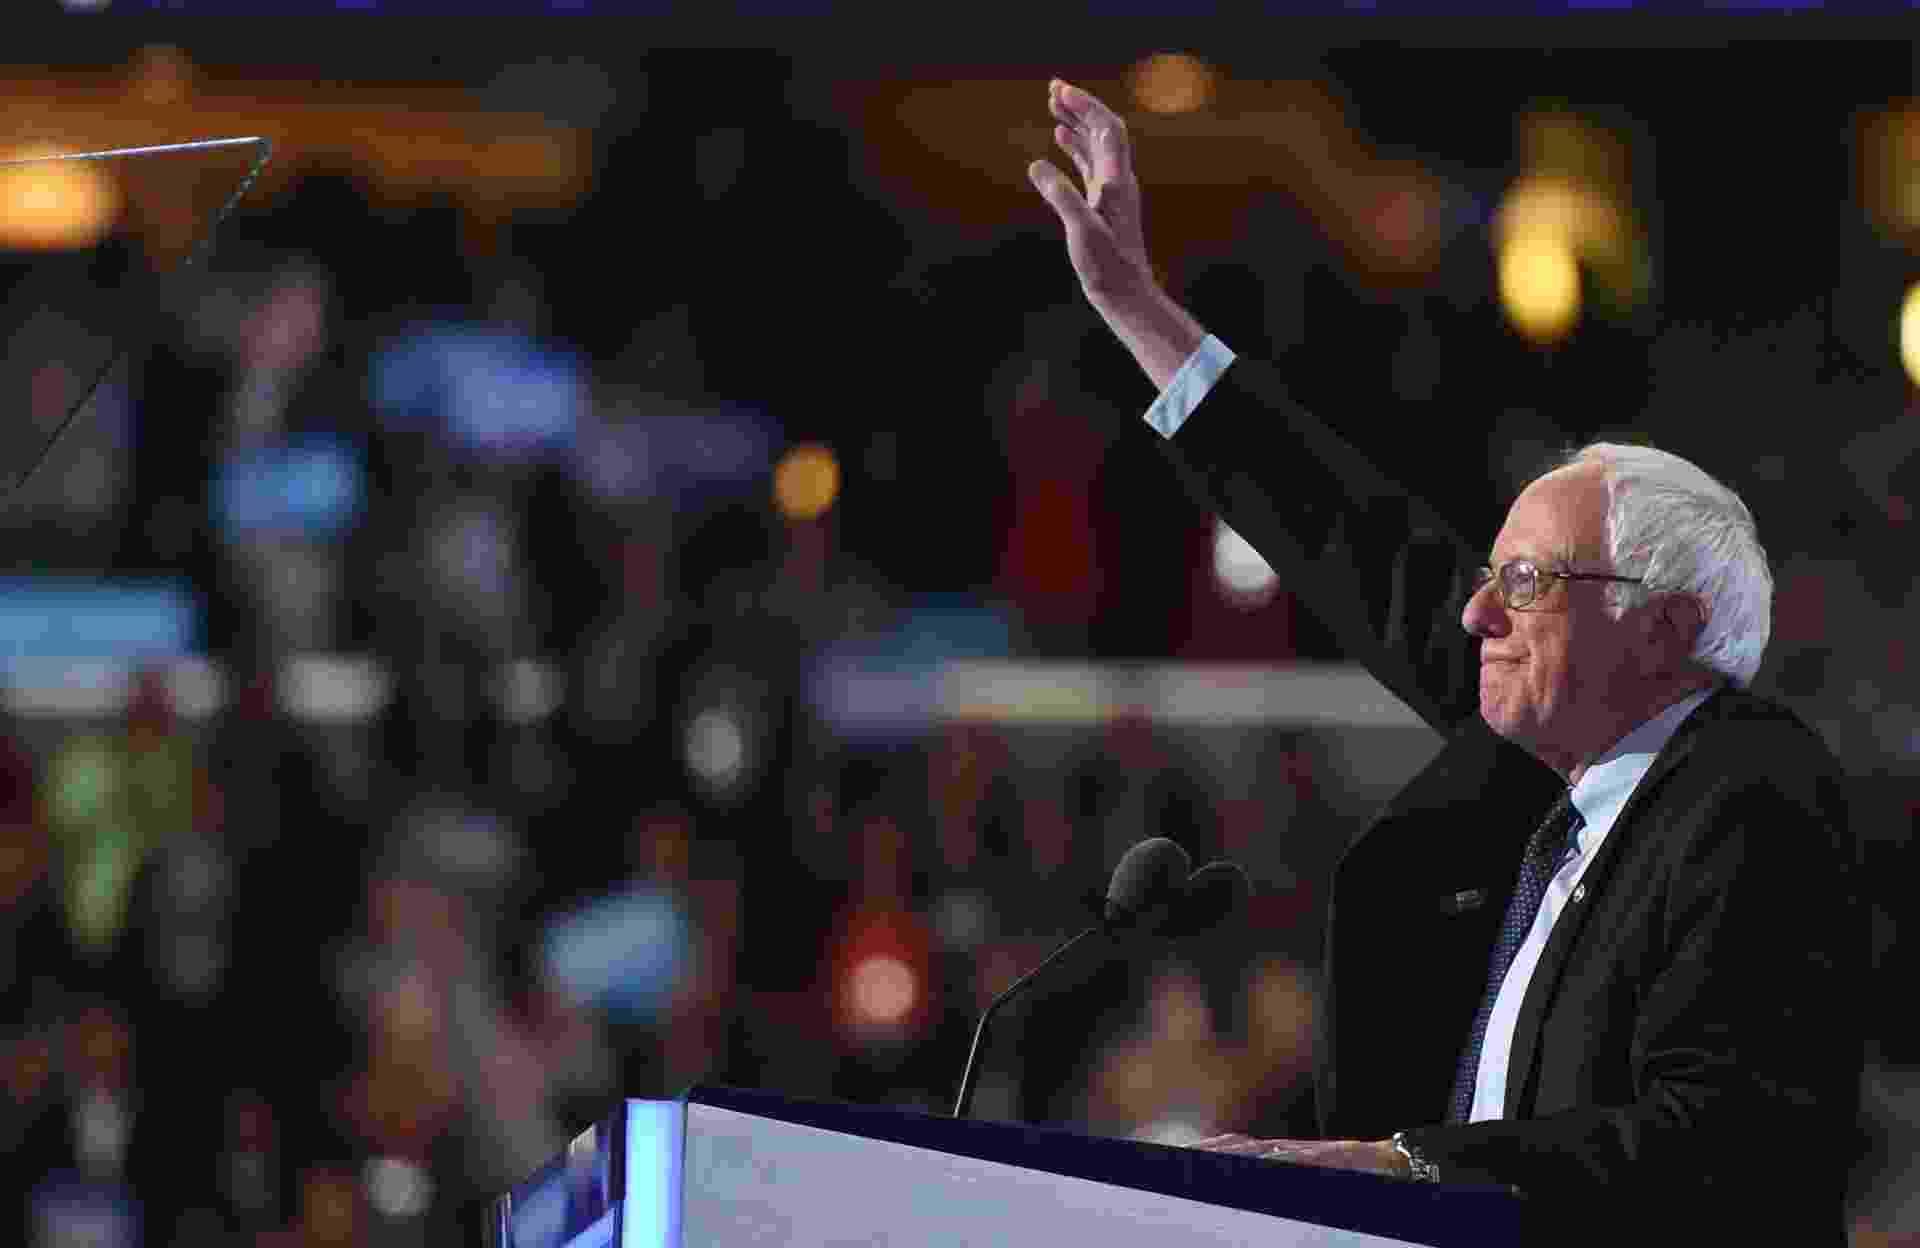 """26.jul.2016 - Adversário de Hillary nas prévias, o senador Bernie Sanders declarou apoio à democrata em discurso no primeiro dia da convenção que vai oficializá-la candidata do partido à eleição presidencial americana. """"Hillary Clinton precisa se tornar a próxima presidente dos Estados Unidos"""", afirmou Sanders, levantando uma onda de aplausos e gritos na arena Wells Fargo (Filadélfia), onde acontece a convenção - Timothy A. Clary/AFP"""